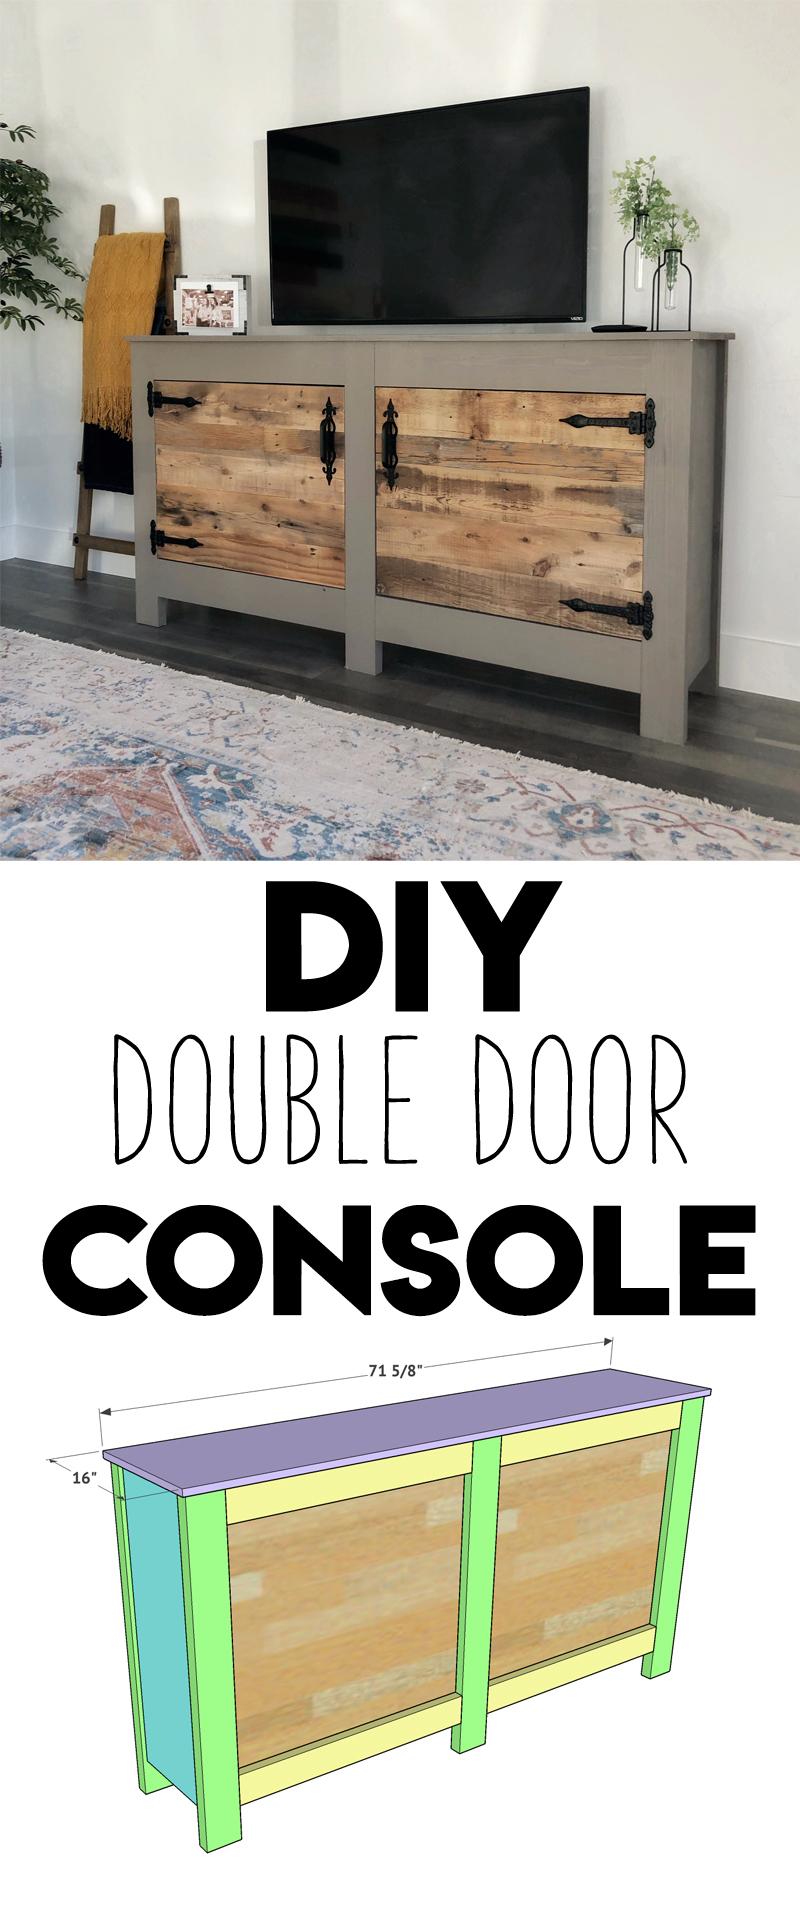 DIY Wide Double Door Console